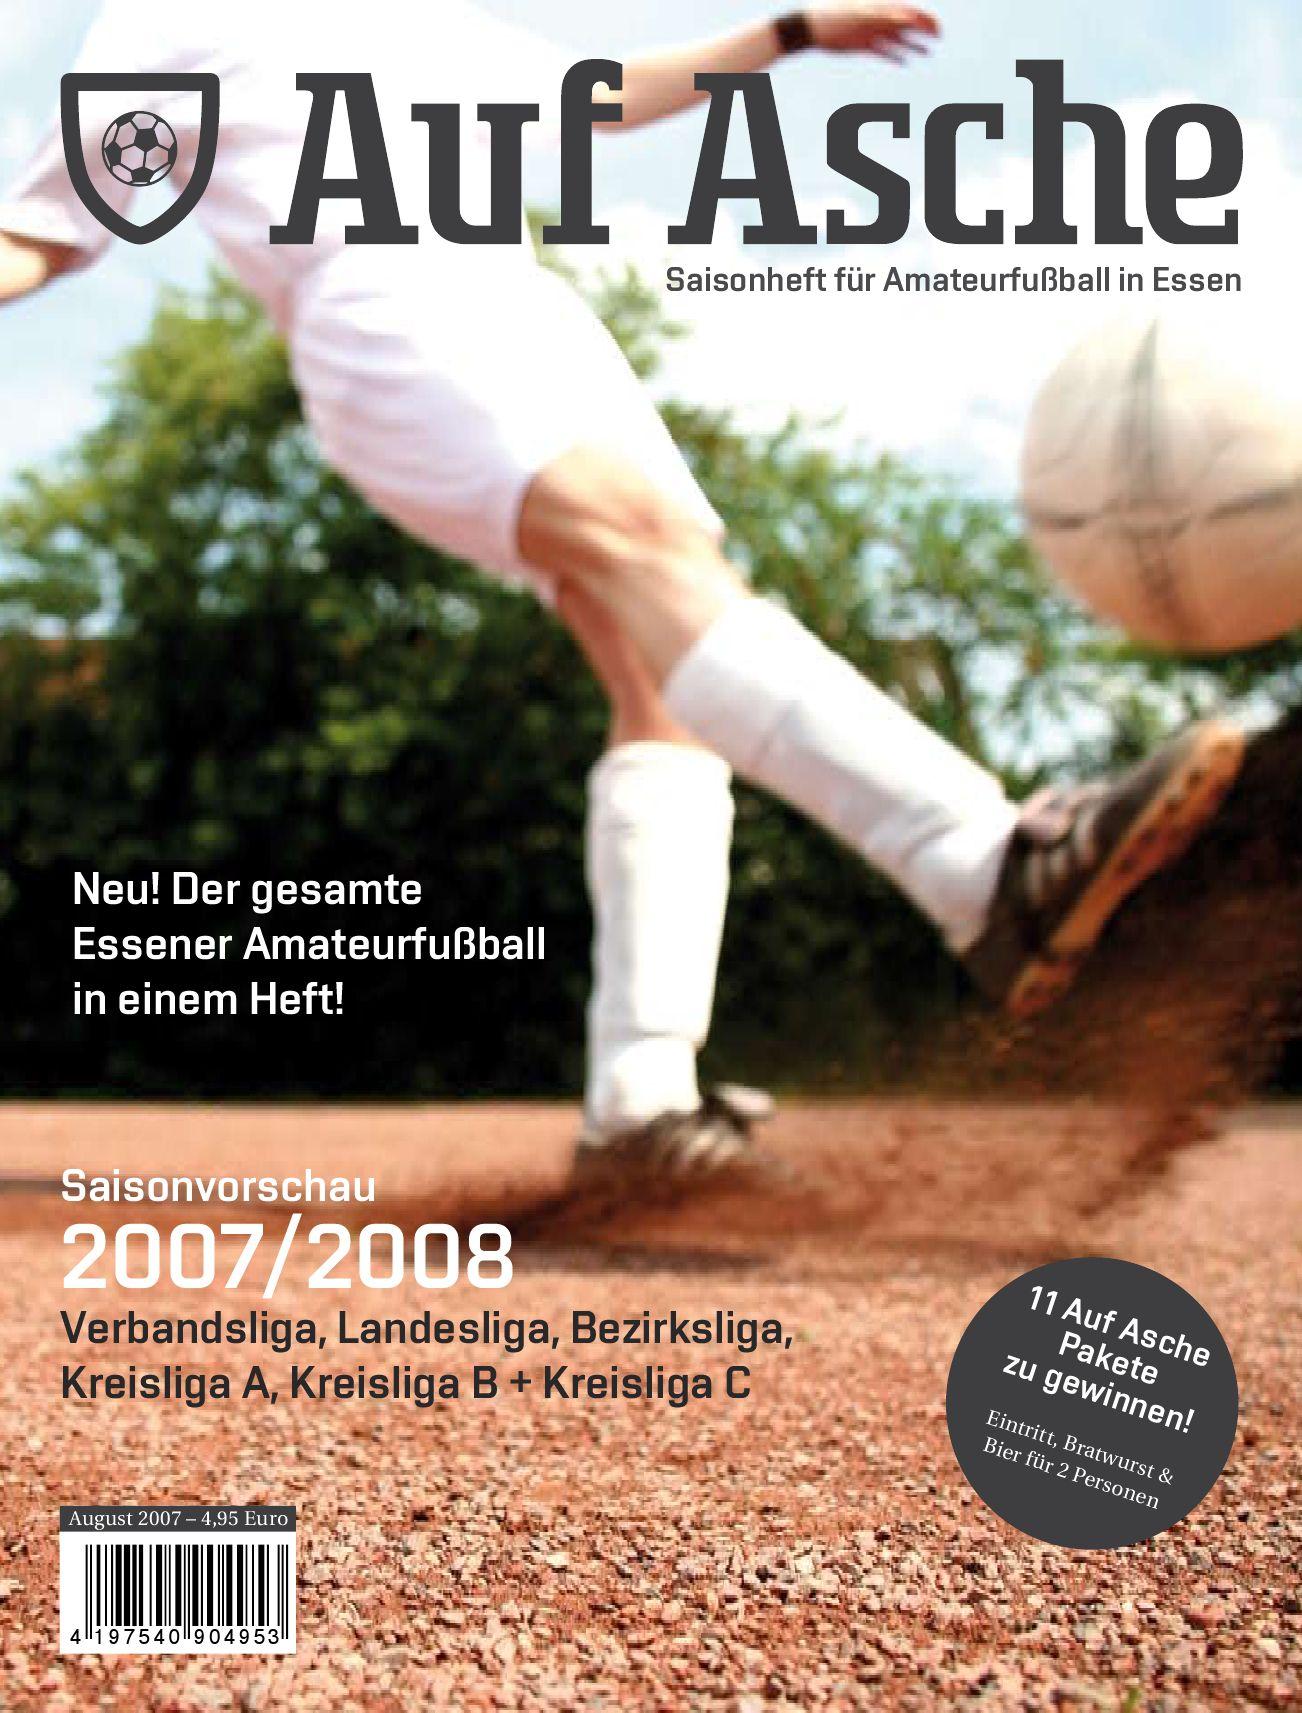 Auf Asche Magazin Fur Amateurfussball In Essen Nr 01